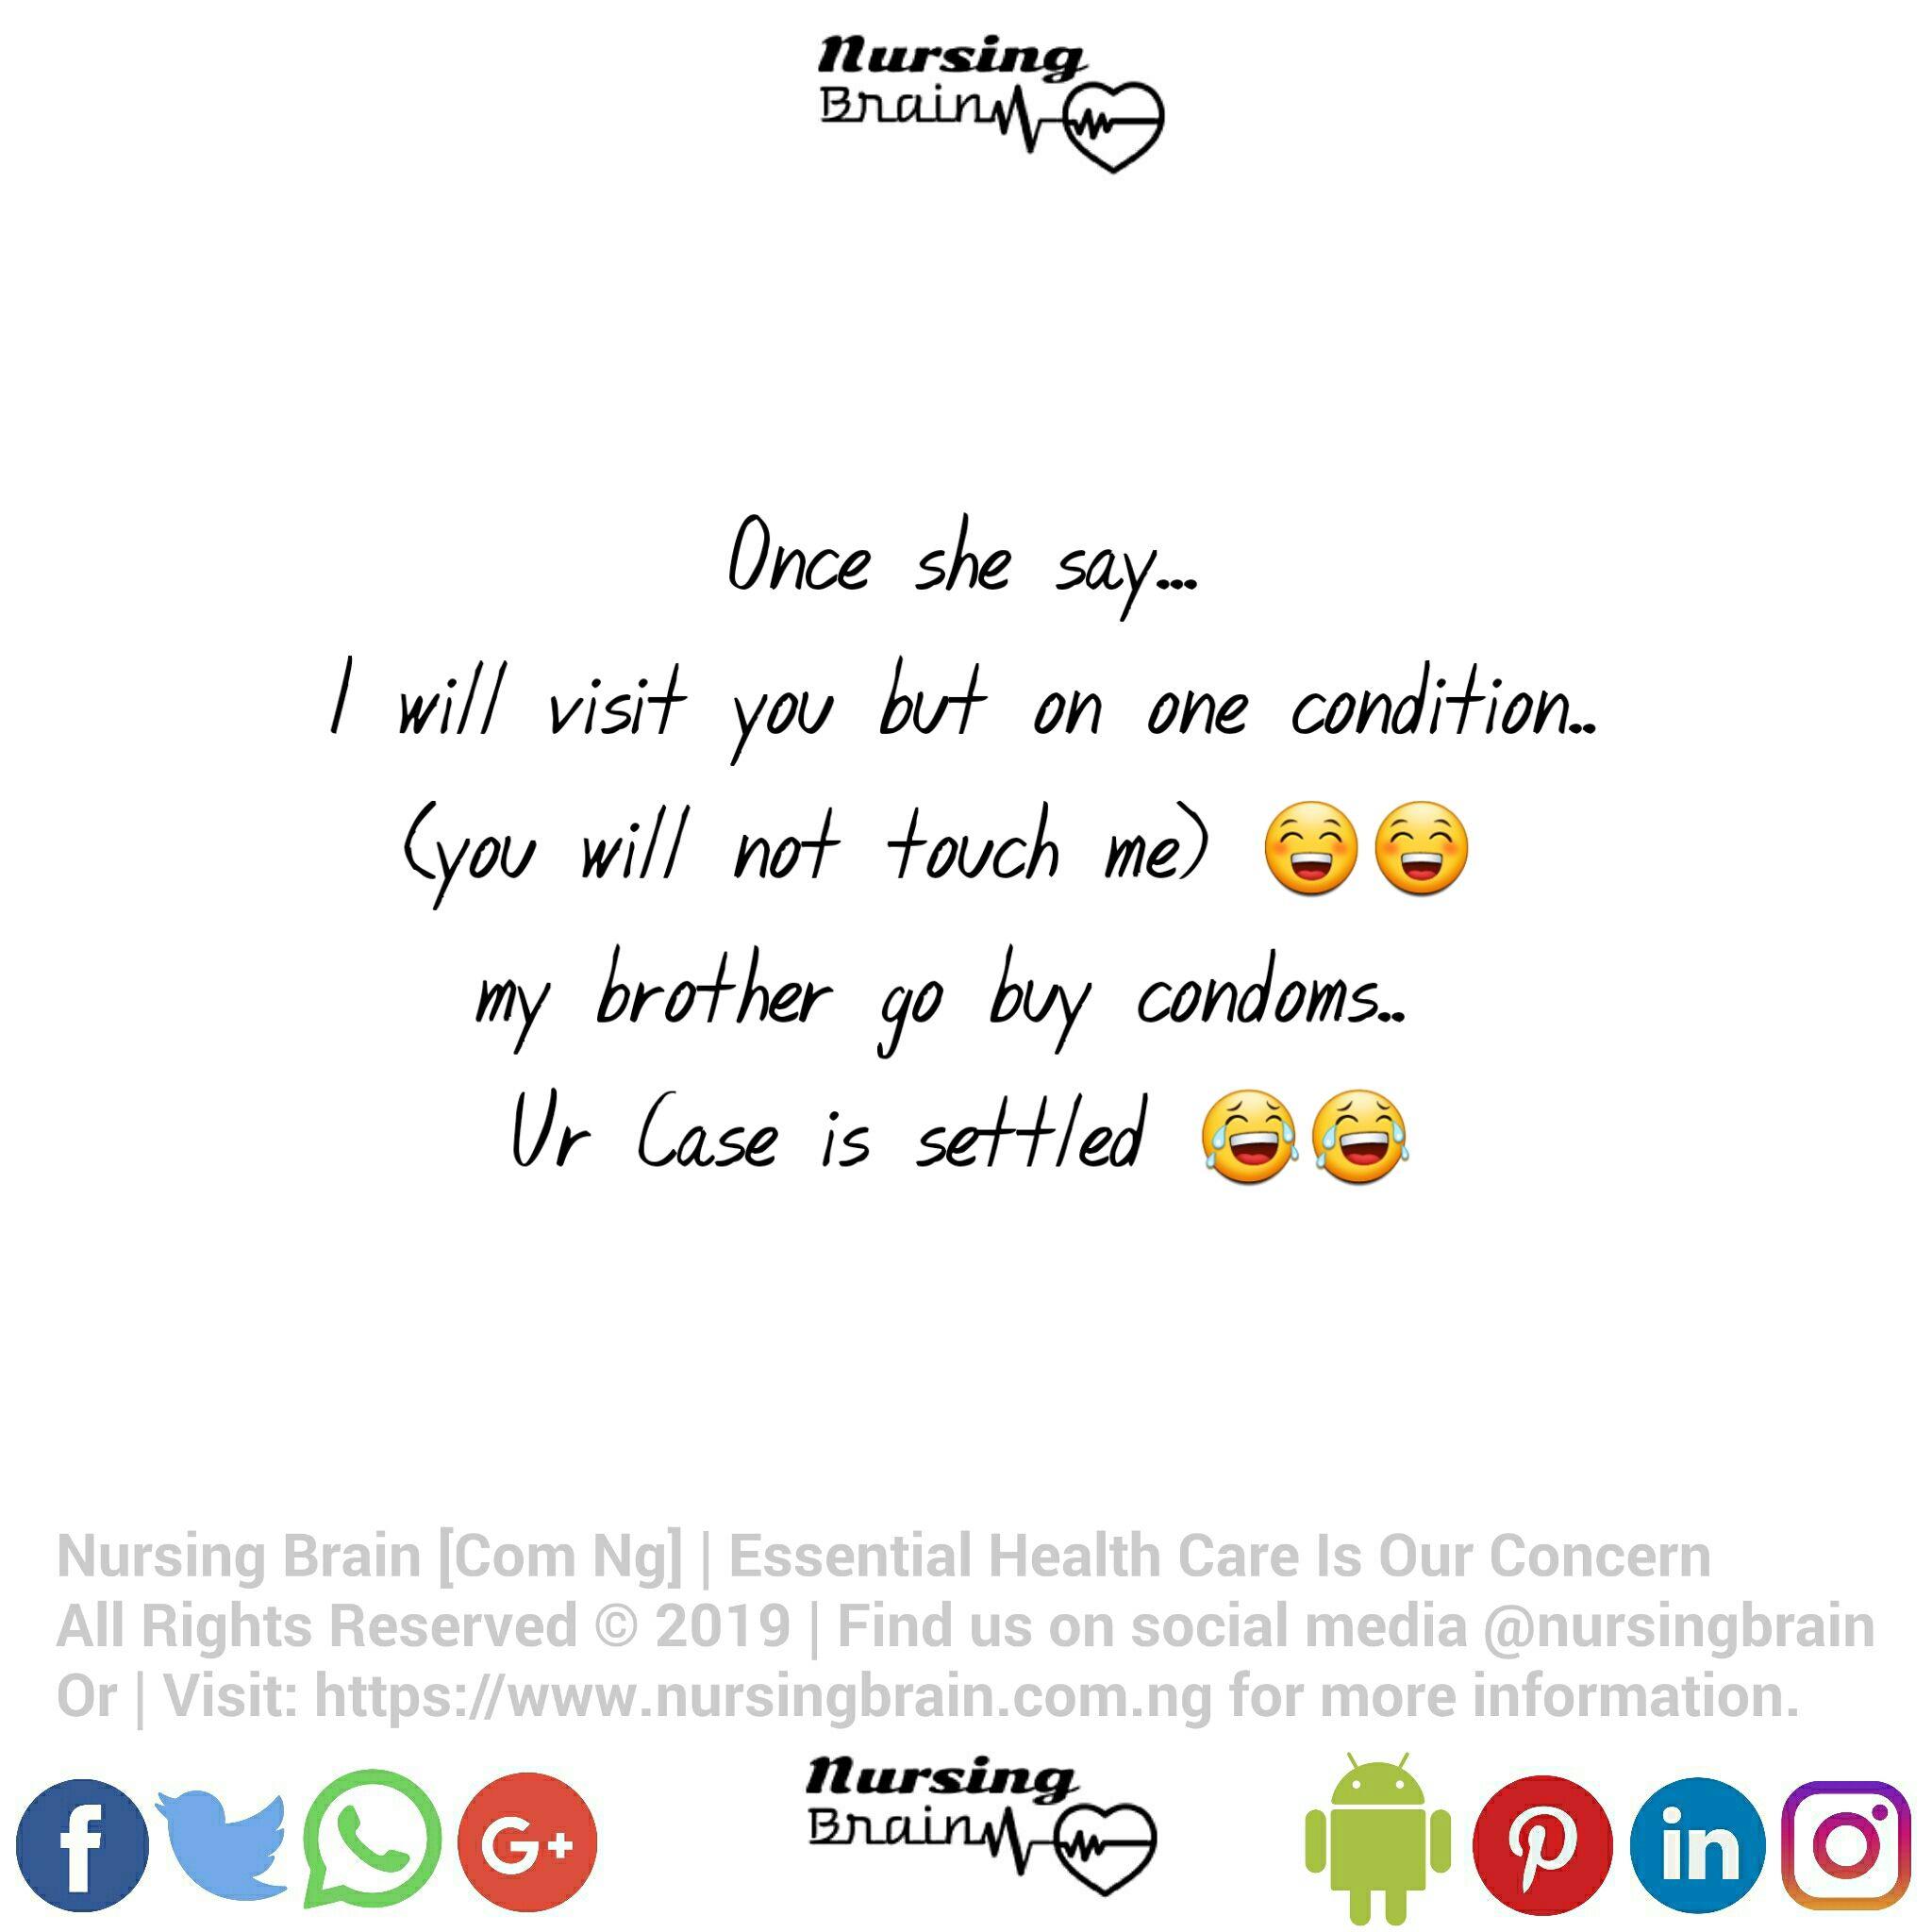 Nursing Brain Quotes Brains quote, Nurse, Health care